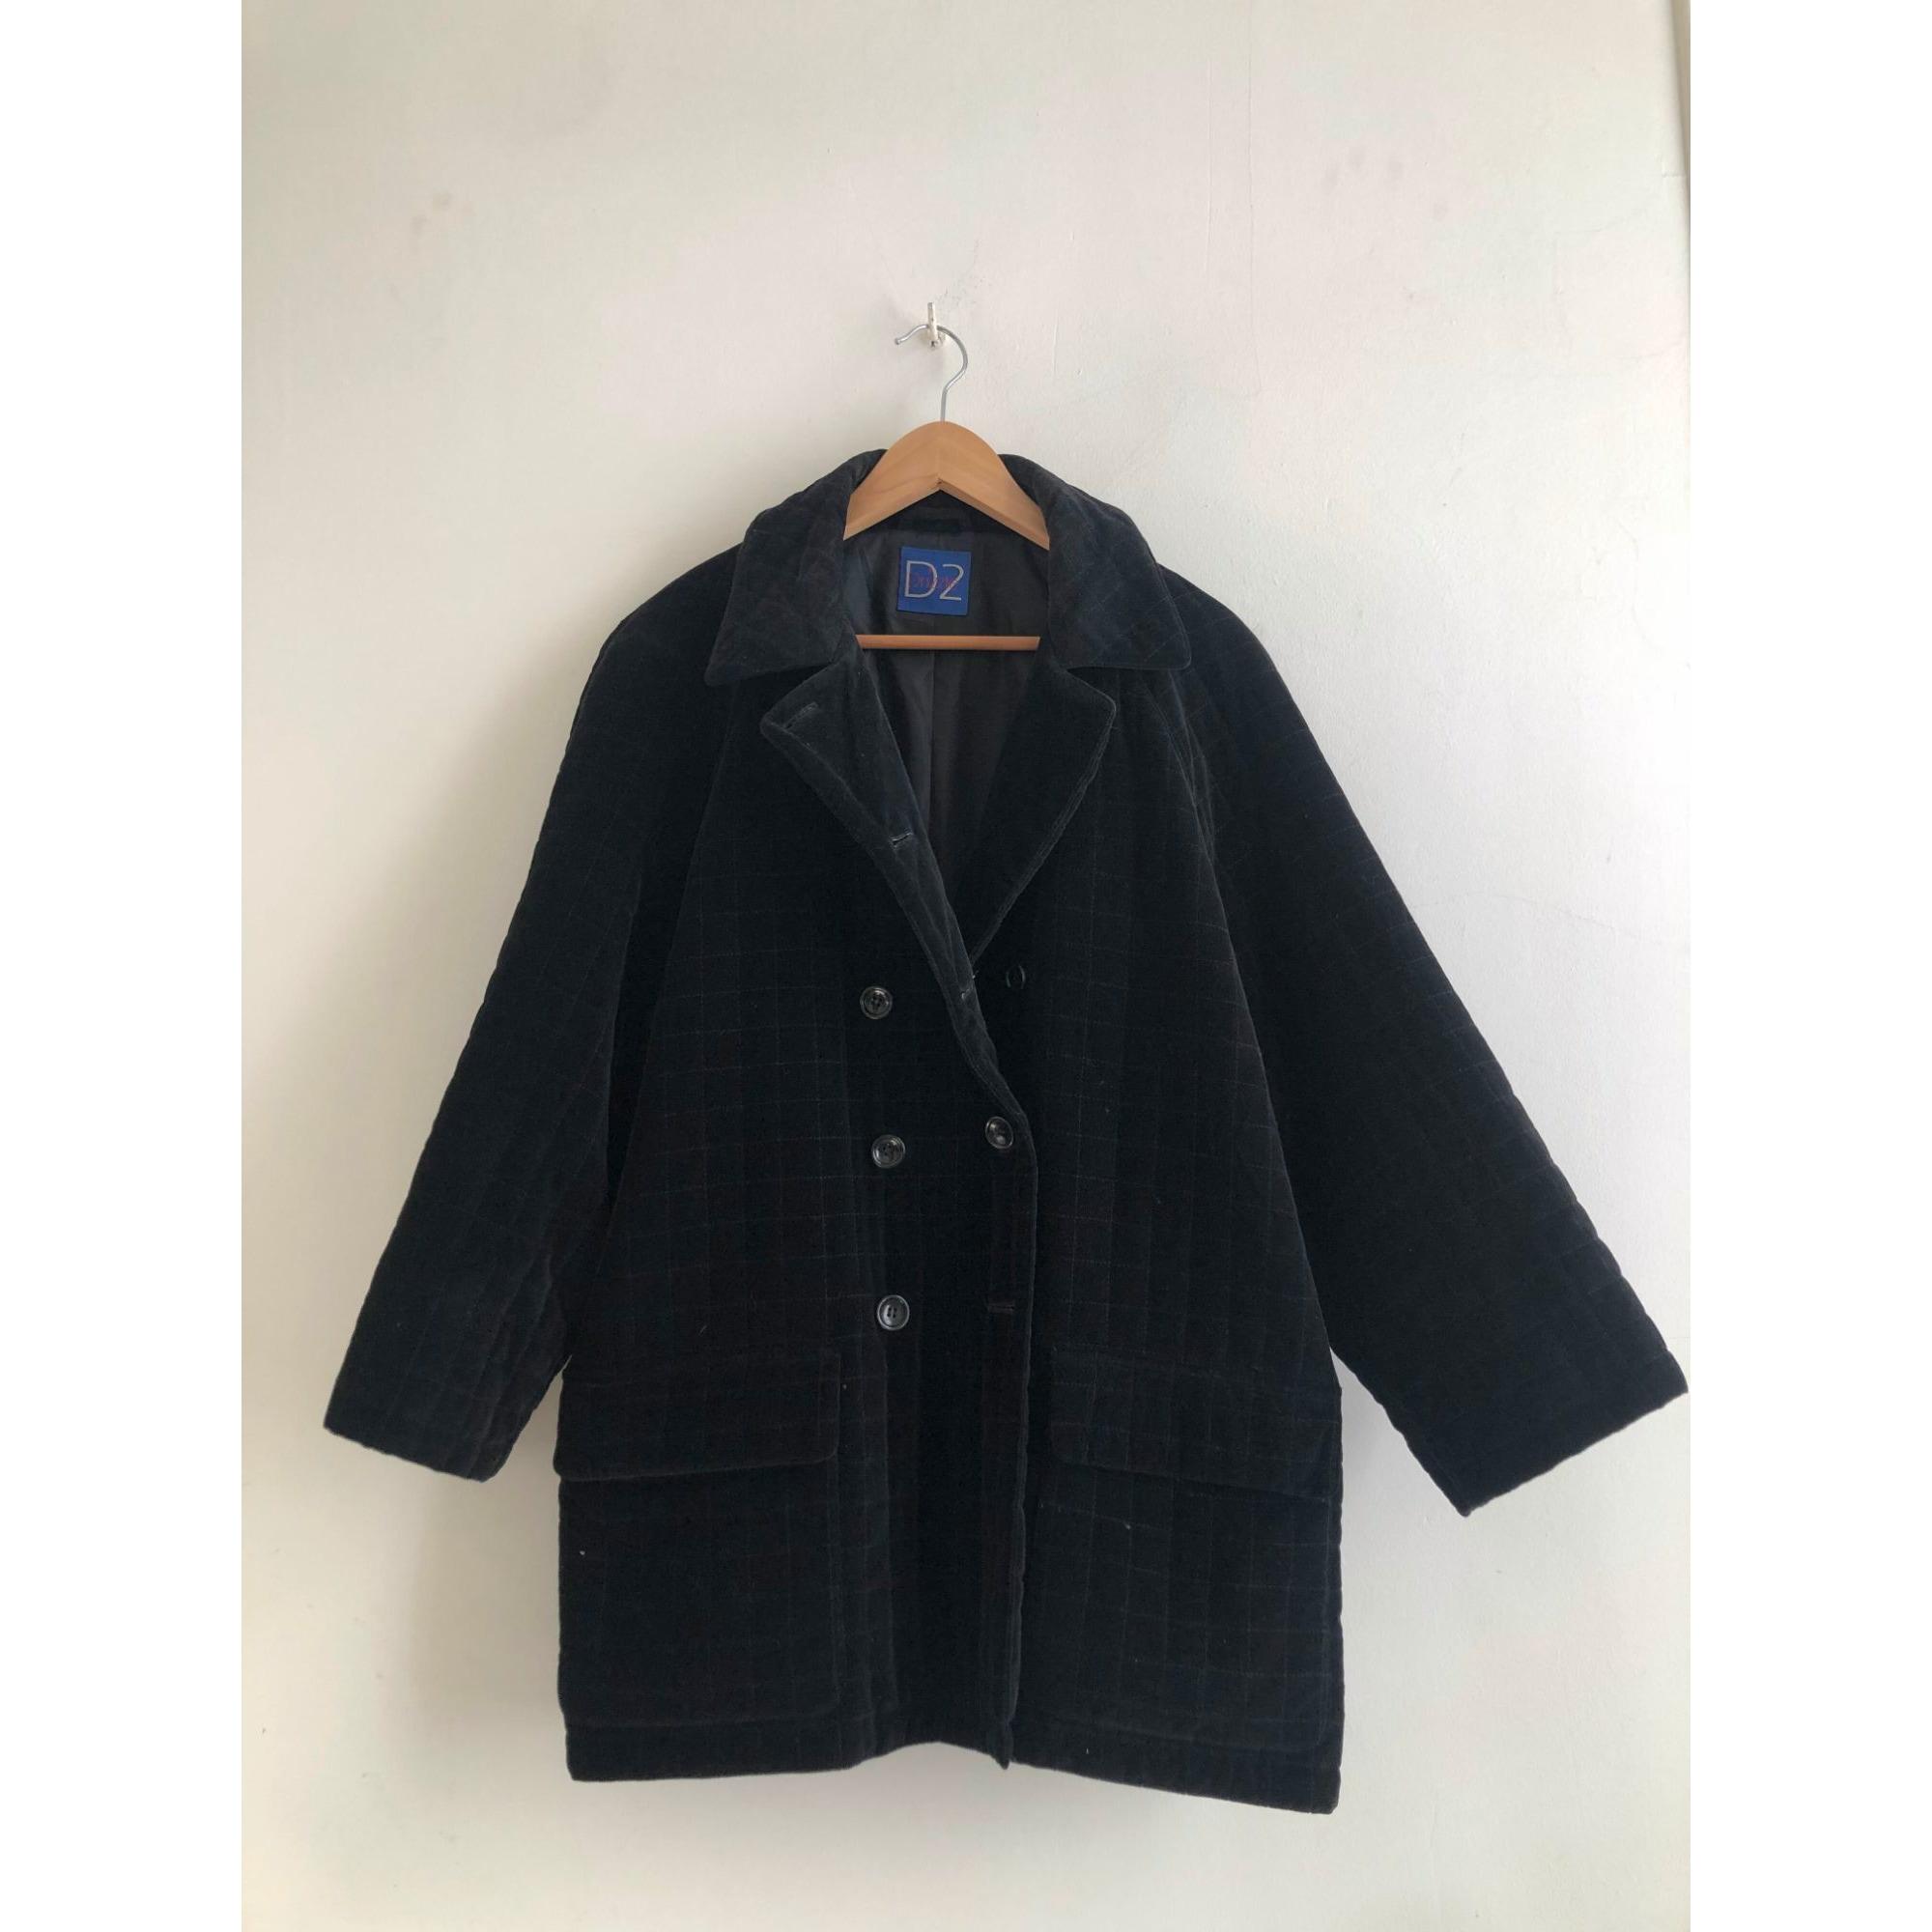 Manteau 100% VINTAGE Noir